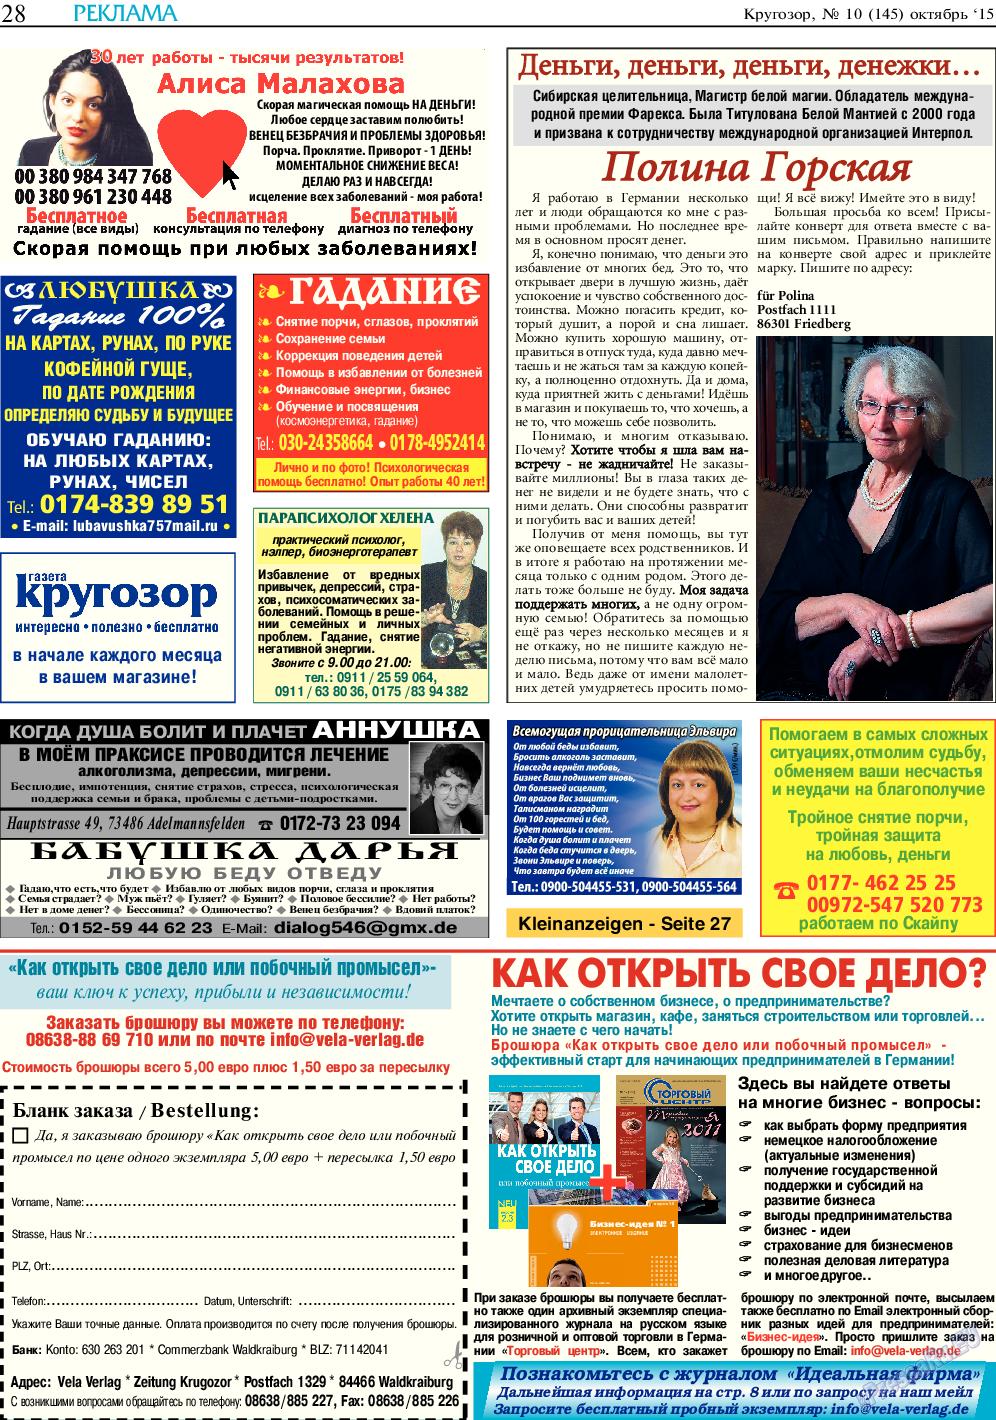 Кругозор (газета). 2015 год, номер 10, стр. 28